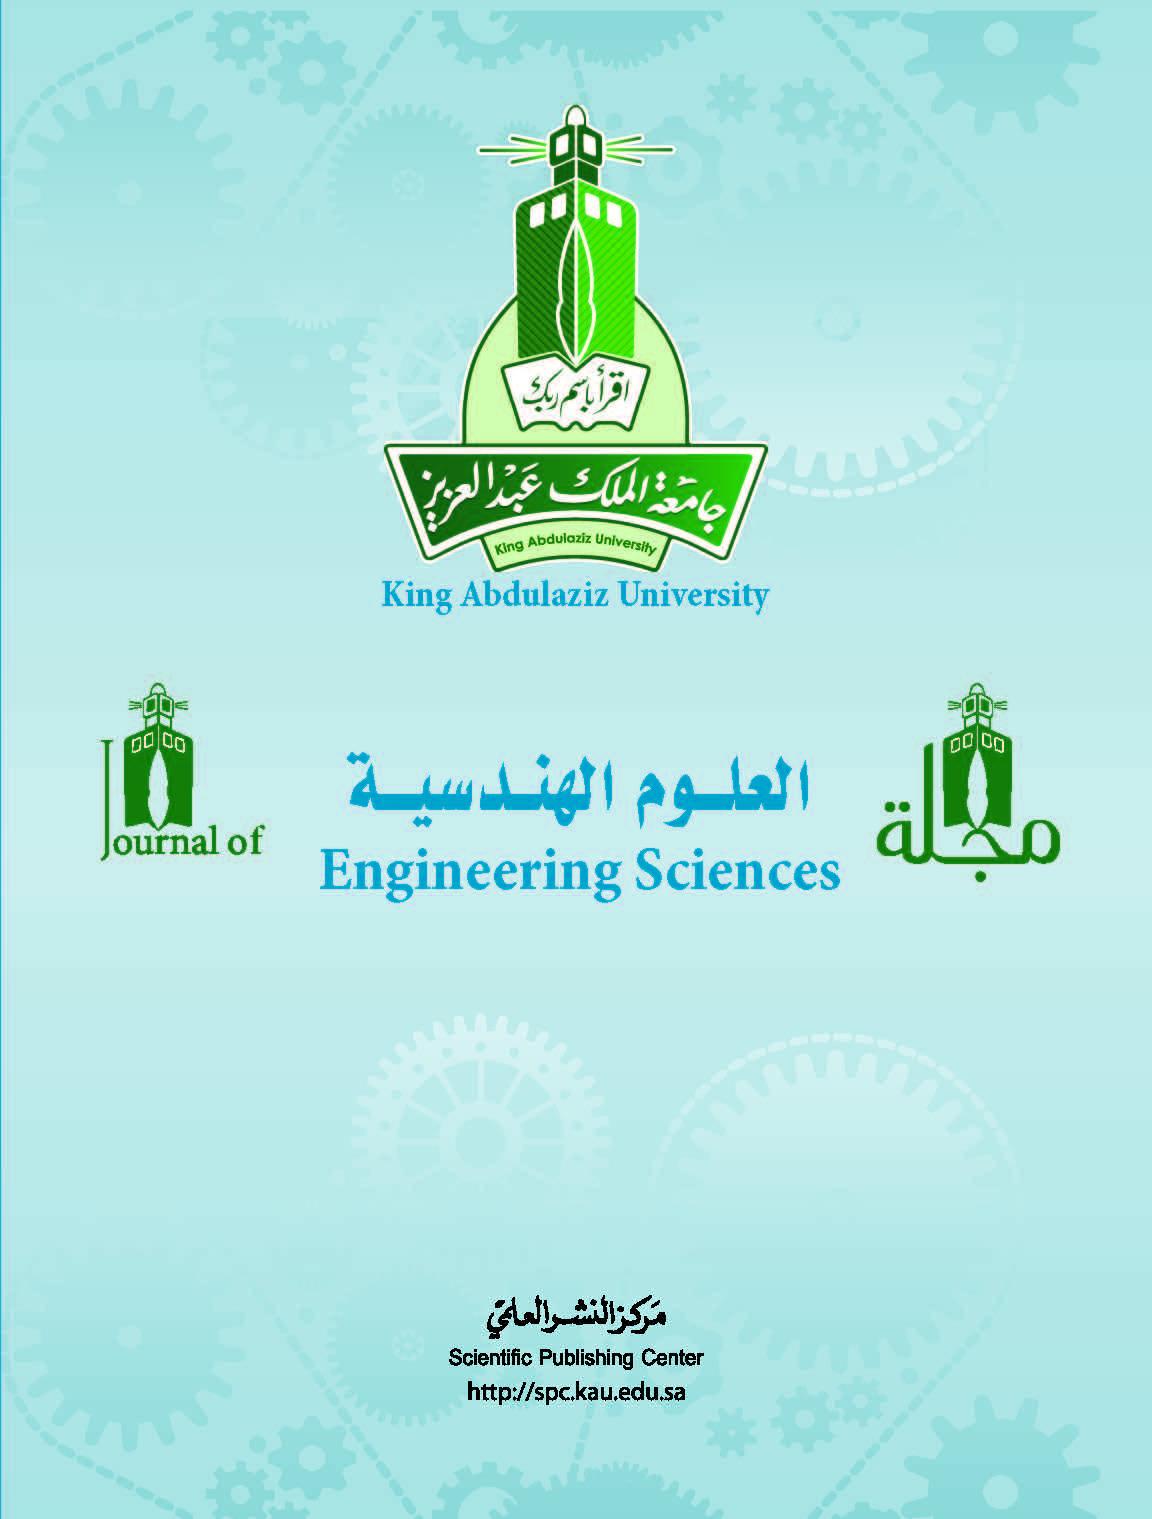 Scientific Publishing Center - Journal of King Abdulaziz